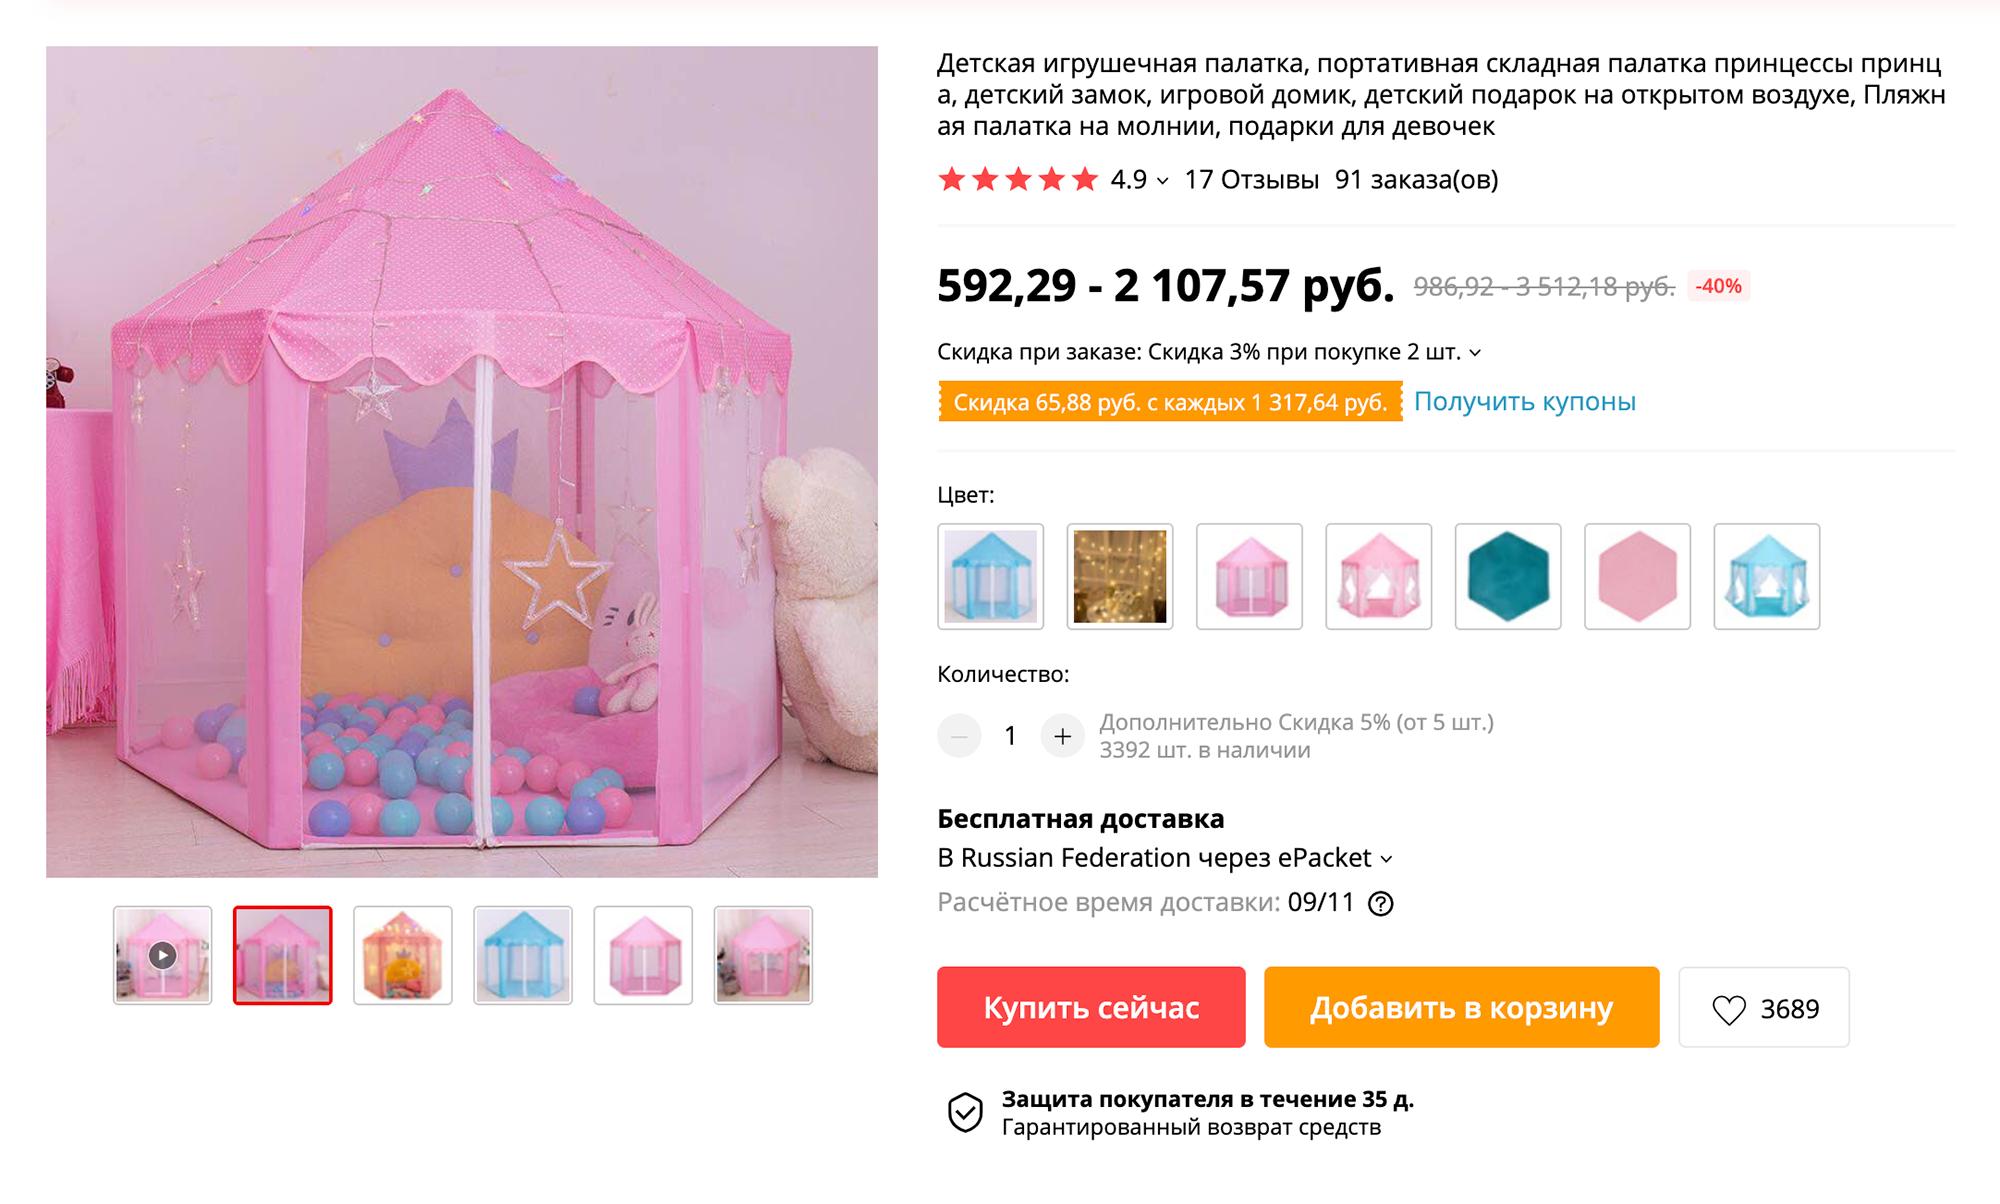 Сетчатые стены этого домика отвечают требованию о доступе воздуха, а вот молния — потенциально опасный элемент детской игрушки